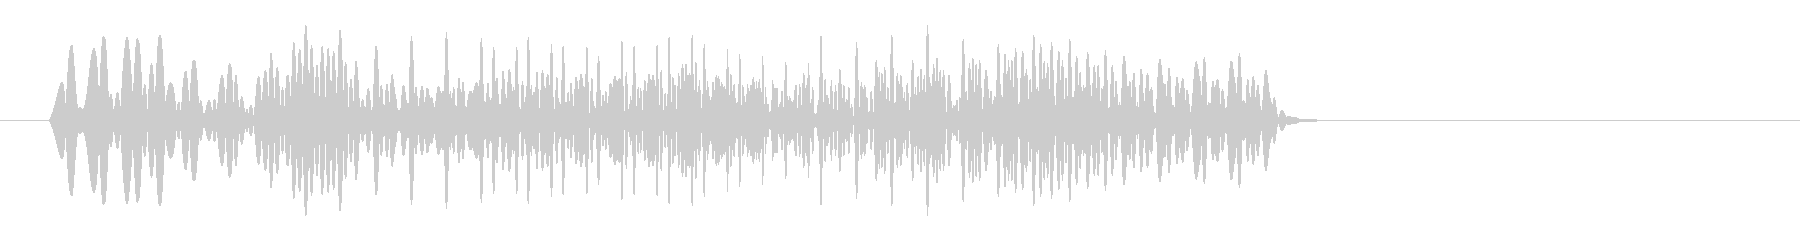 ボワォ(電子的な音)の未再生の波形